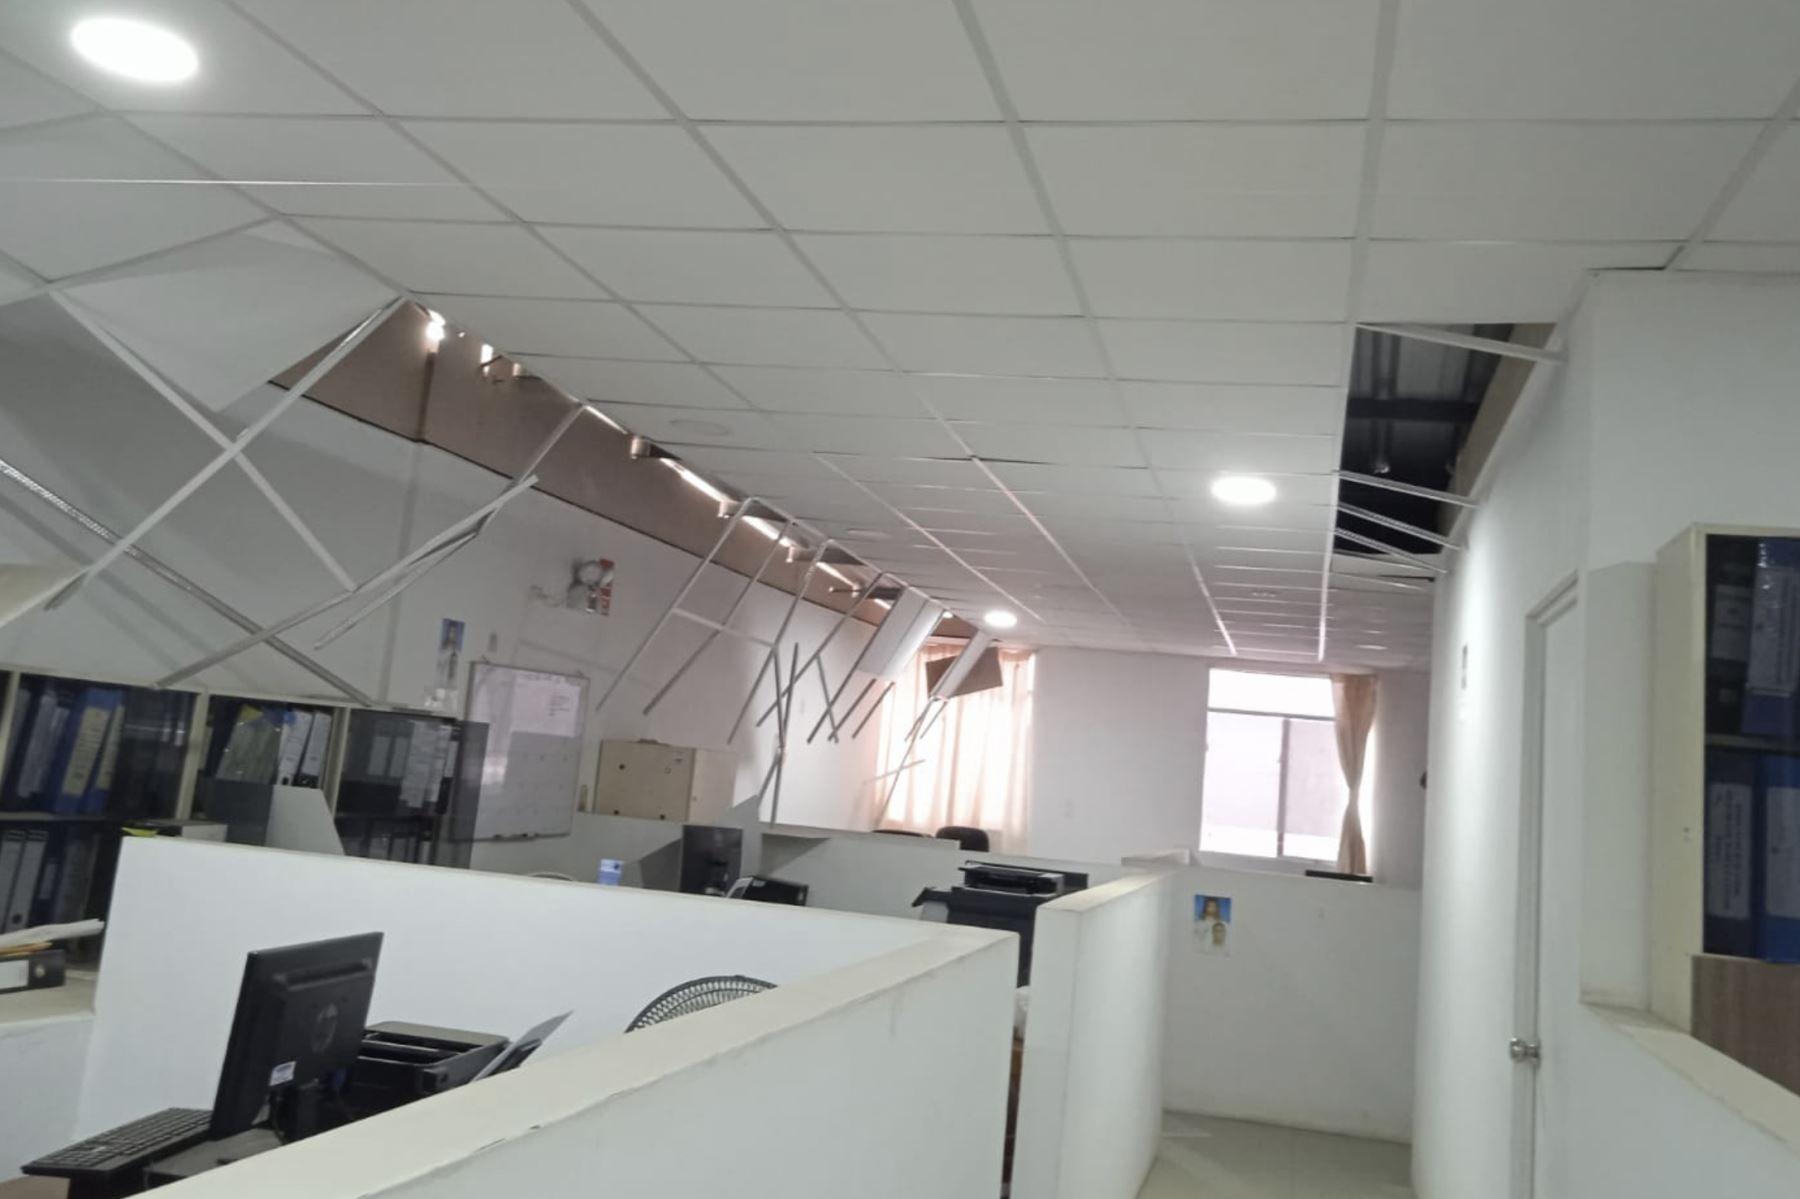 Daños en las oficinas de la Diresa Piura II causados por el sismo de magnitud 6.1. Foto: Erwin Zapata